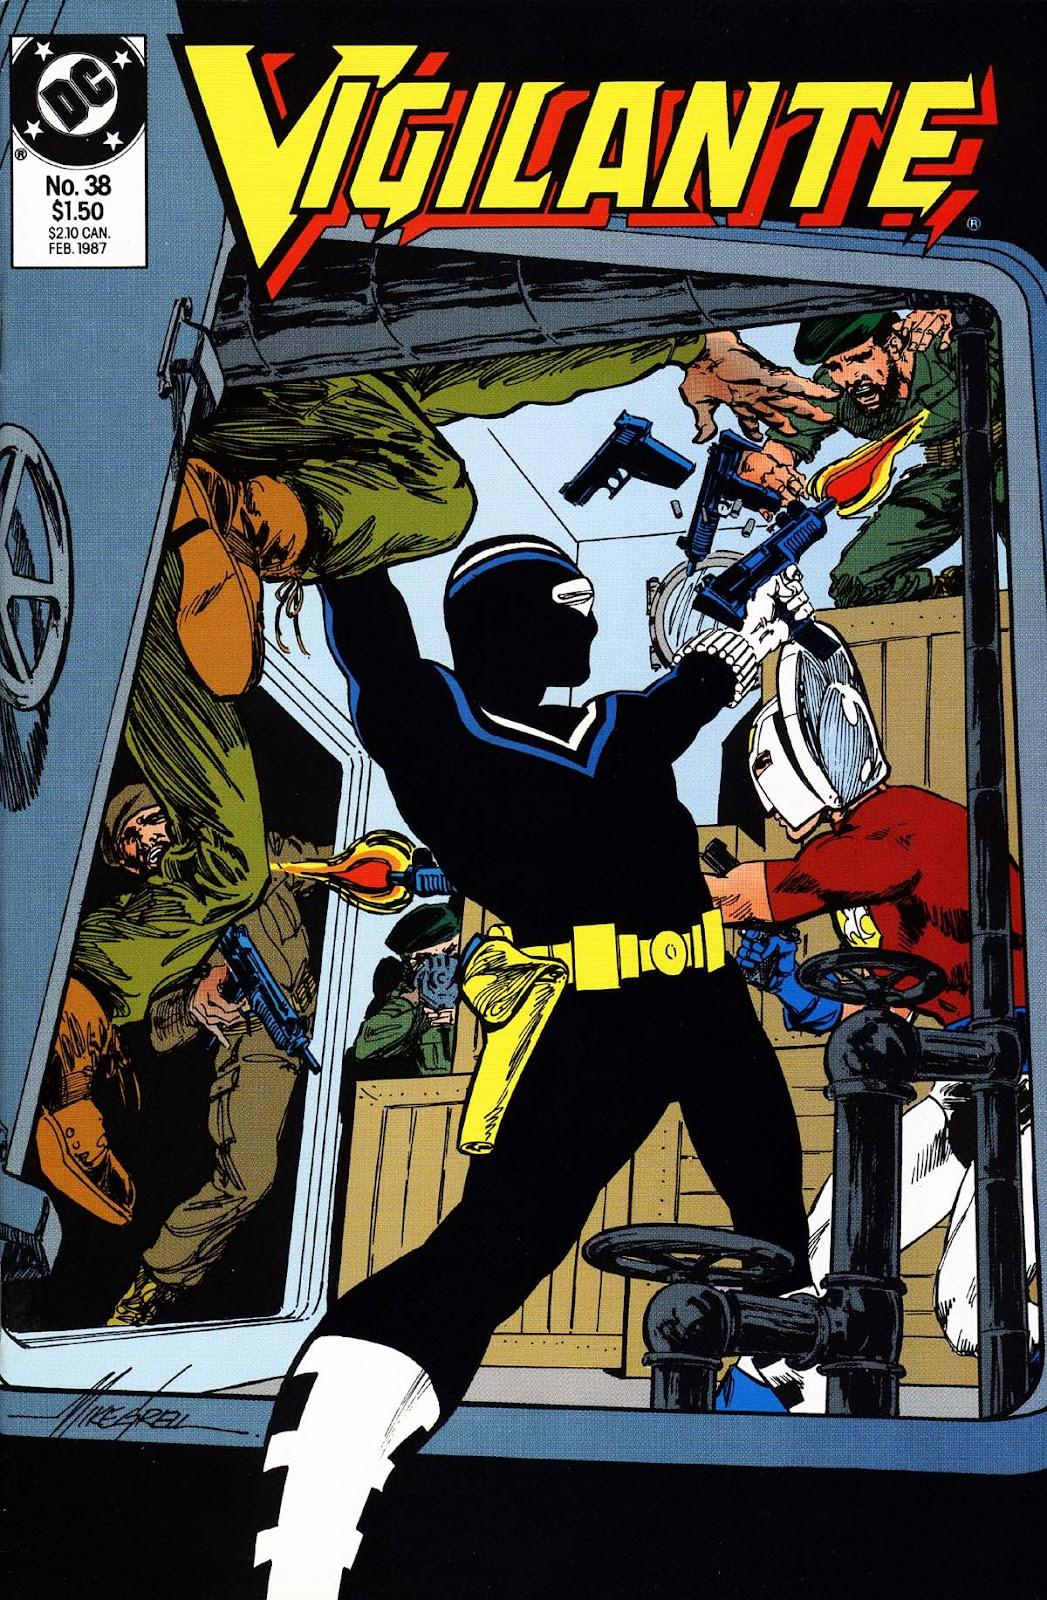 Vigilante (1983) issue 38 - Page 1